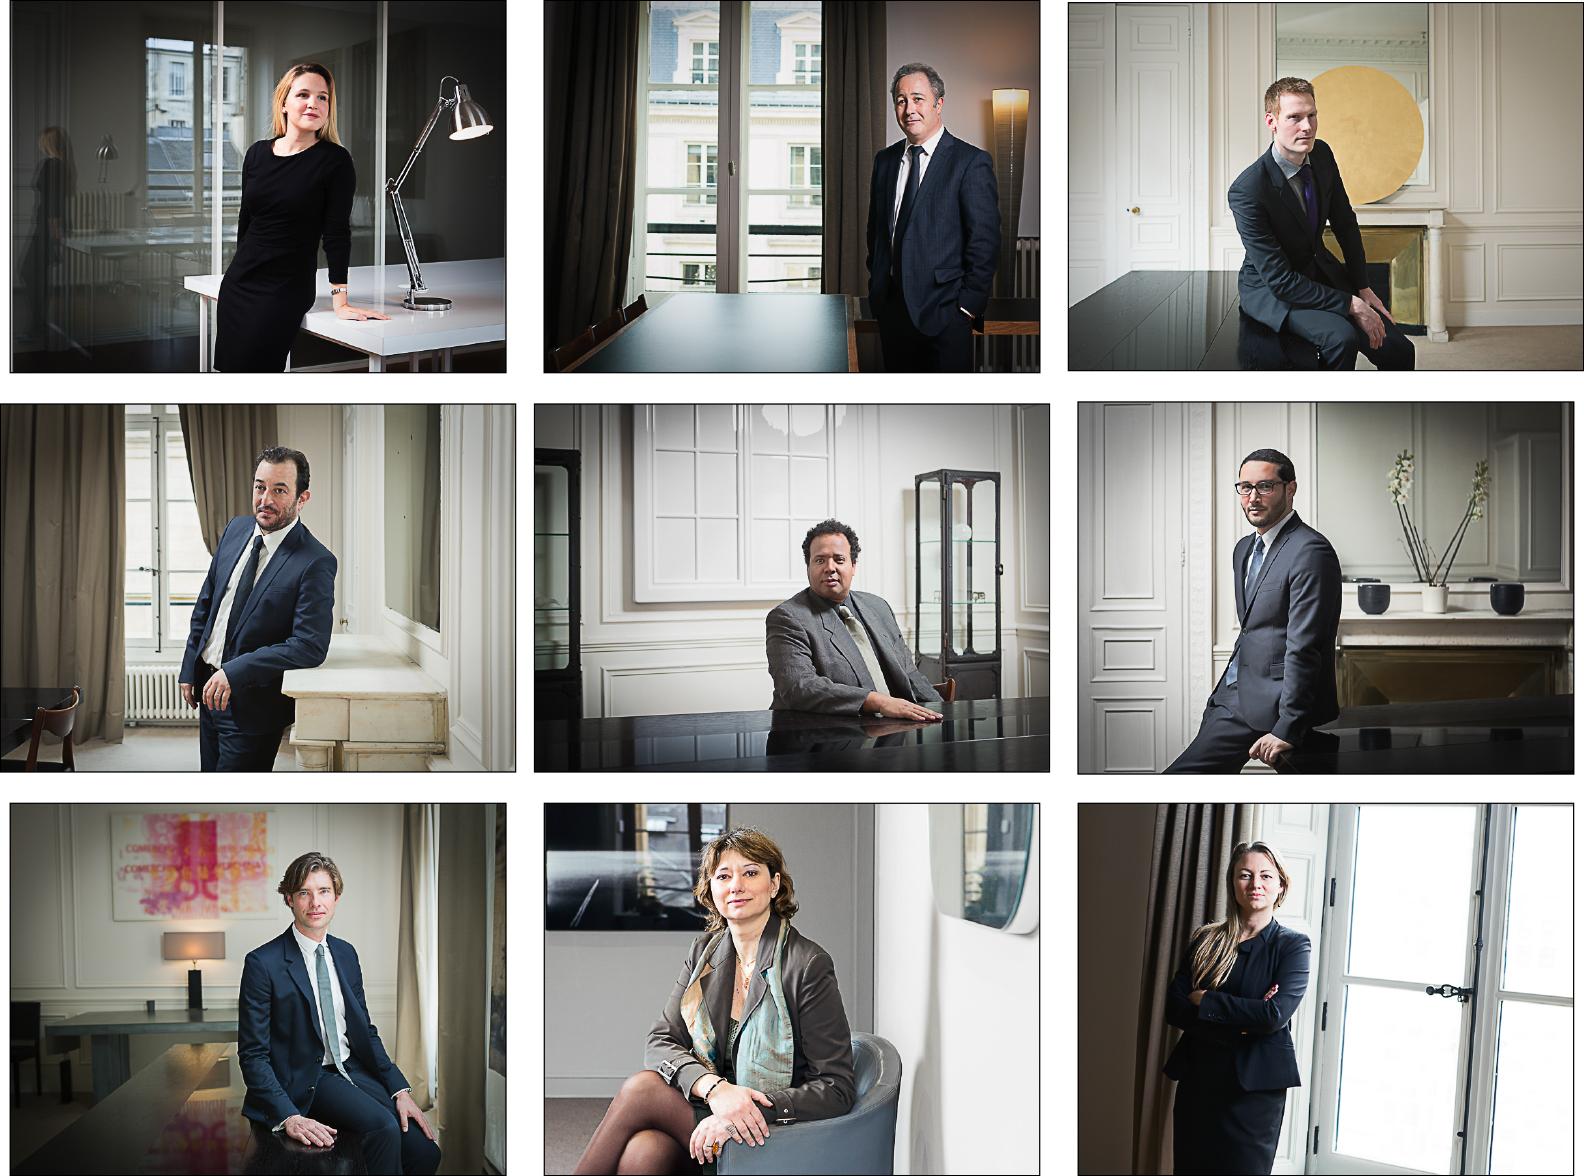 Portraits Communication Coporate - Groupe Hélis - 2017